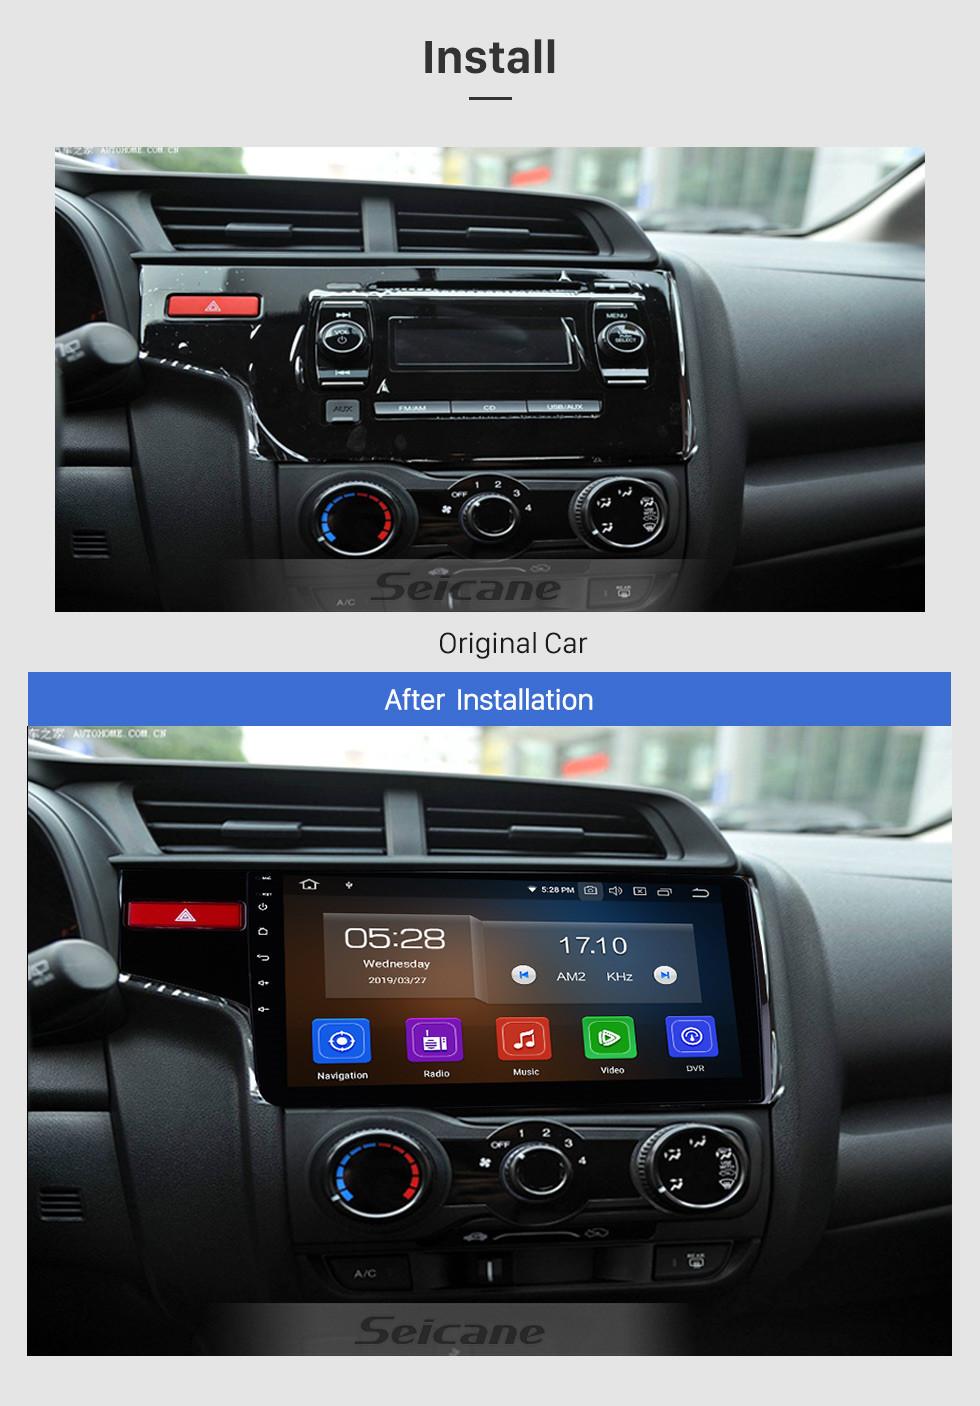 Seicane 10,1-дюймовый OEM Android 9.0 радио емкостный сенсорный экран для 2014 2015 Honda FIT Поддержка WiFi Bluetooth GPS Навигационная система TPMS DVR OBD II AUX Подголовник Монитор Управление Видео Задняя камера USB SD